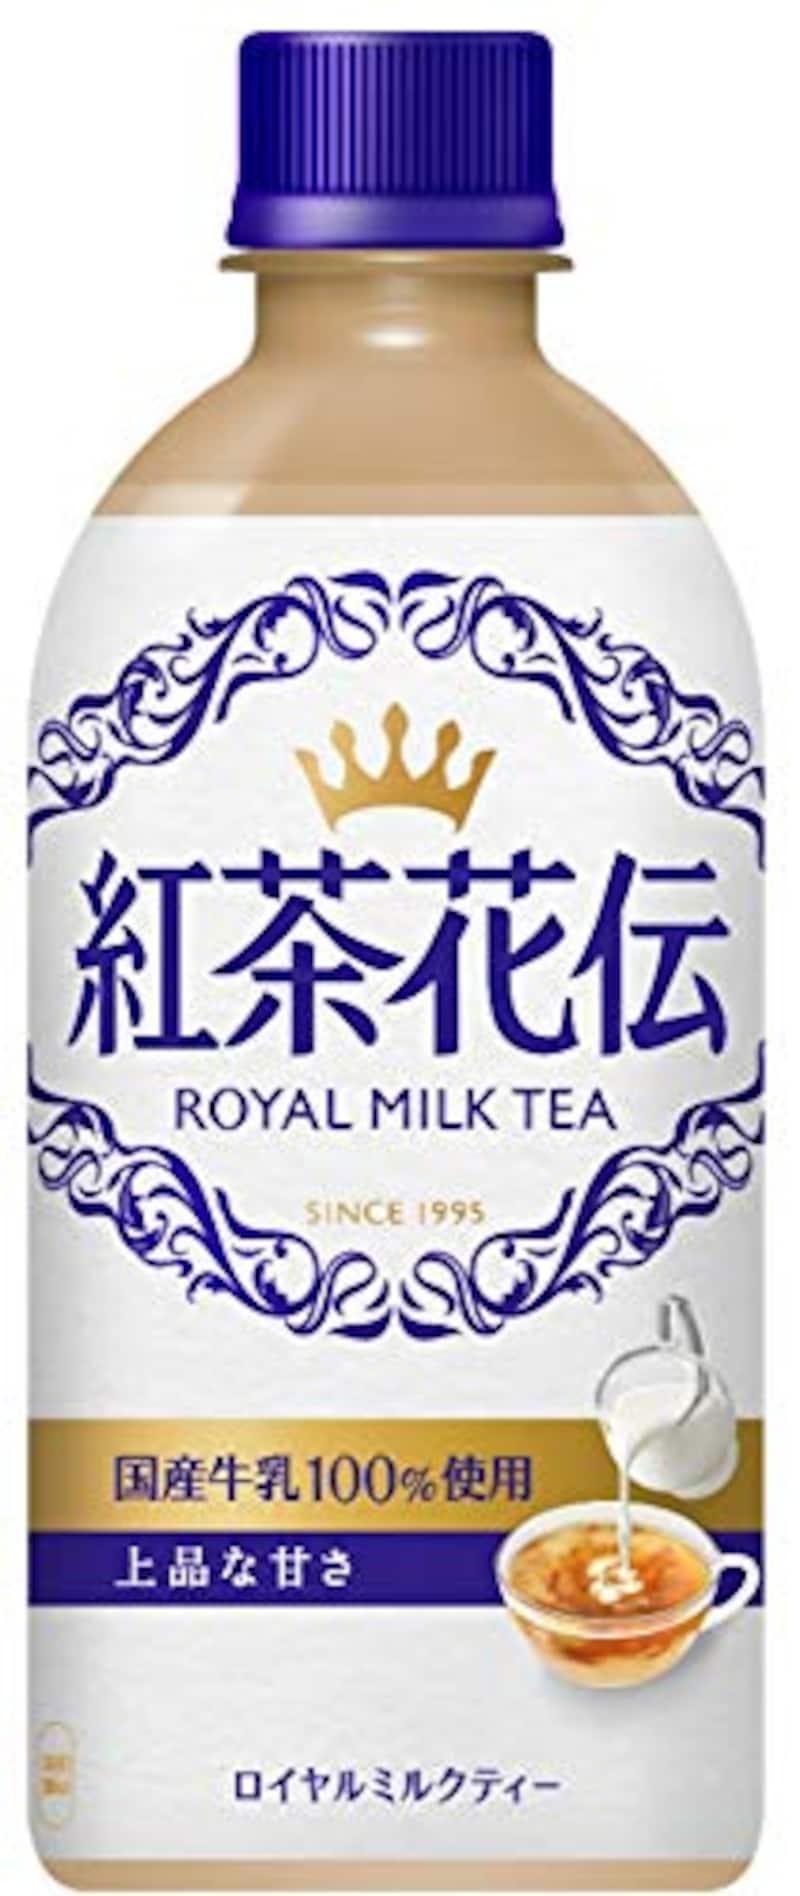 コカ・コーラ,紅茶花伝ロイヤルミルクティー